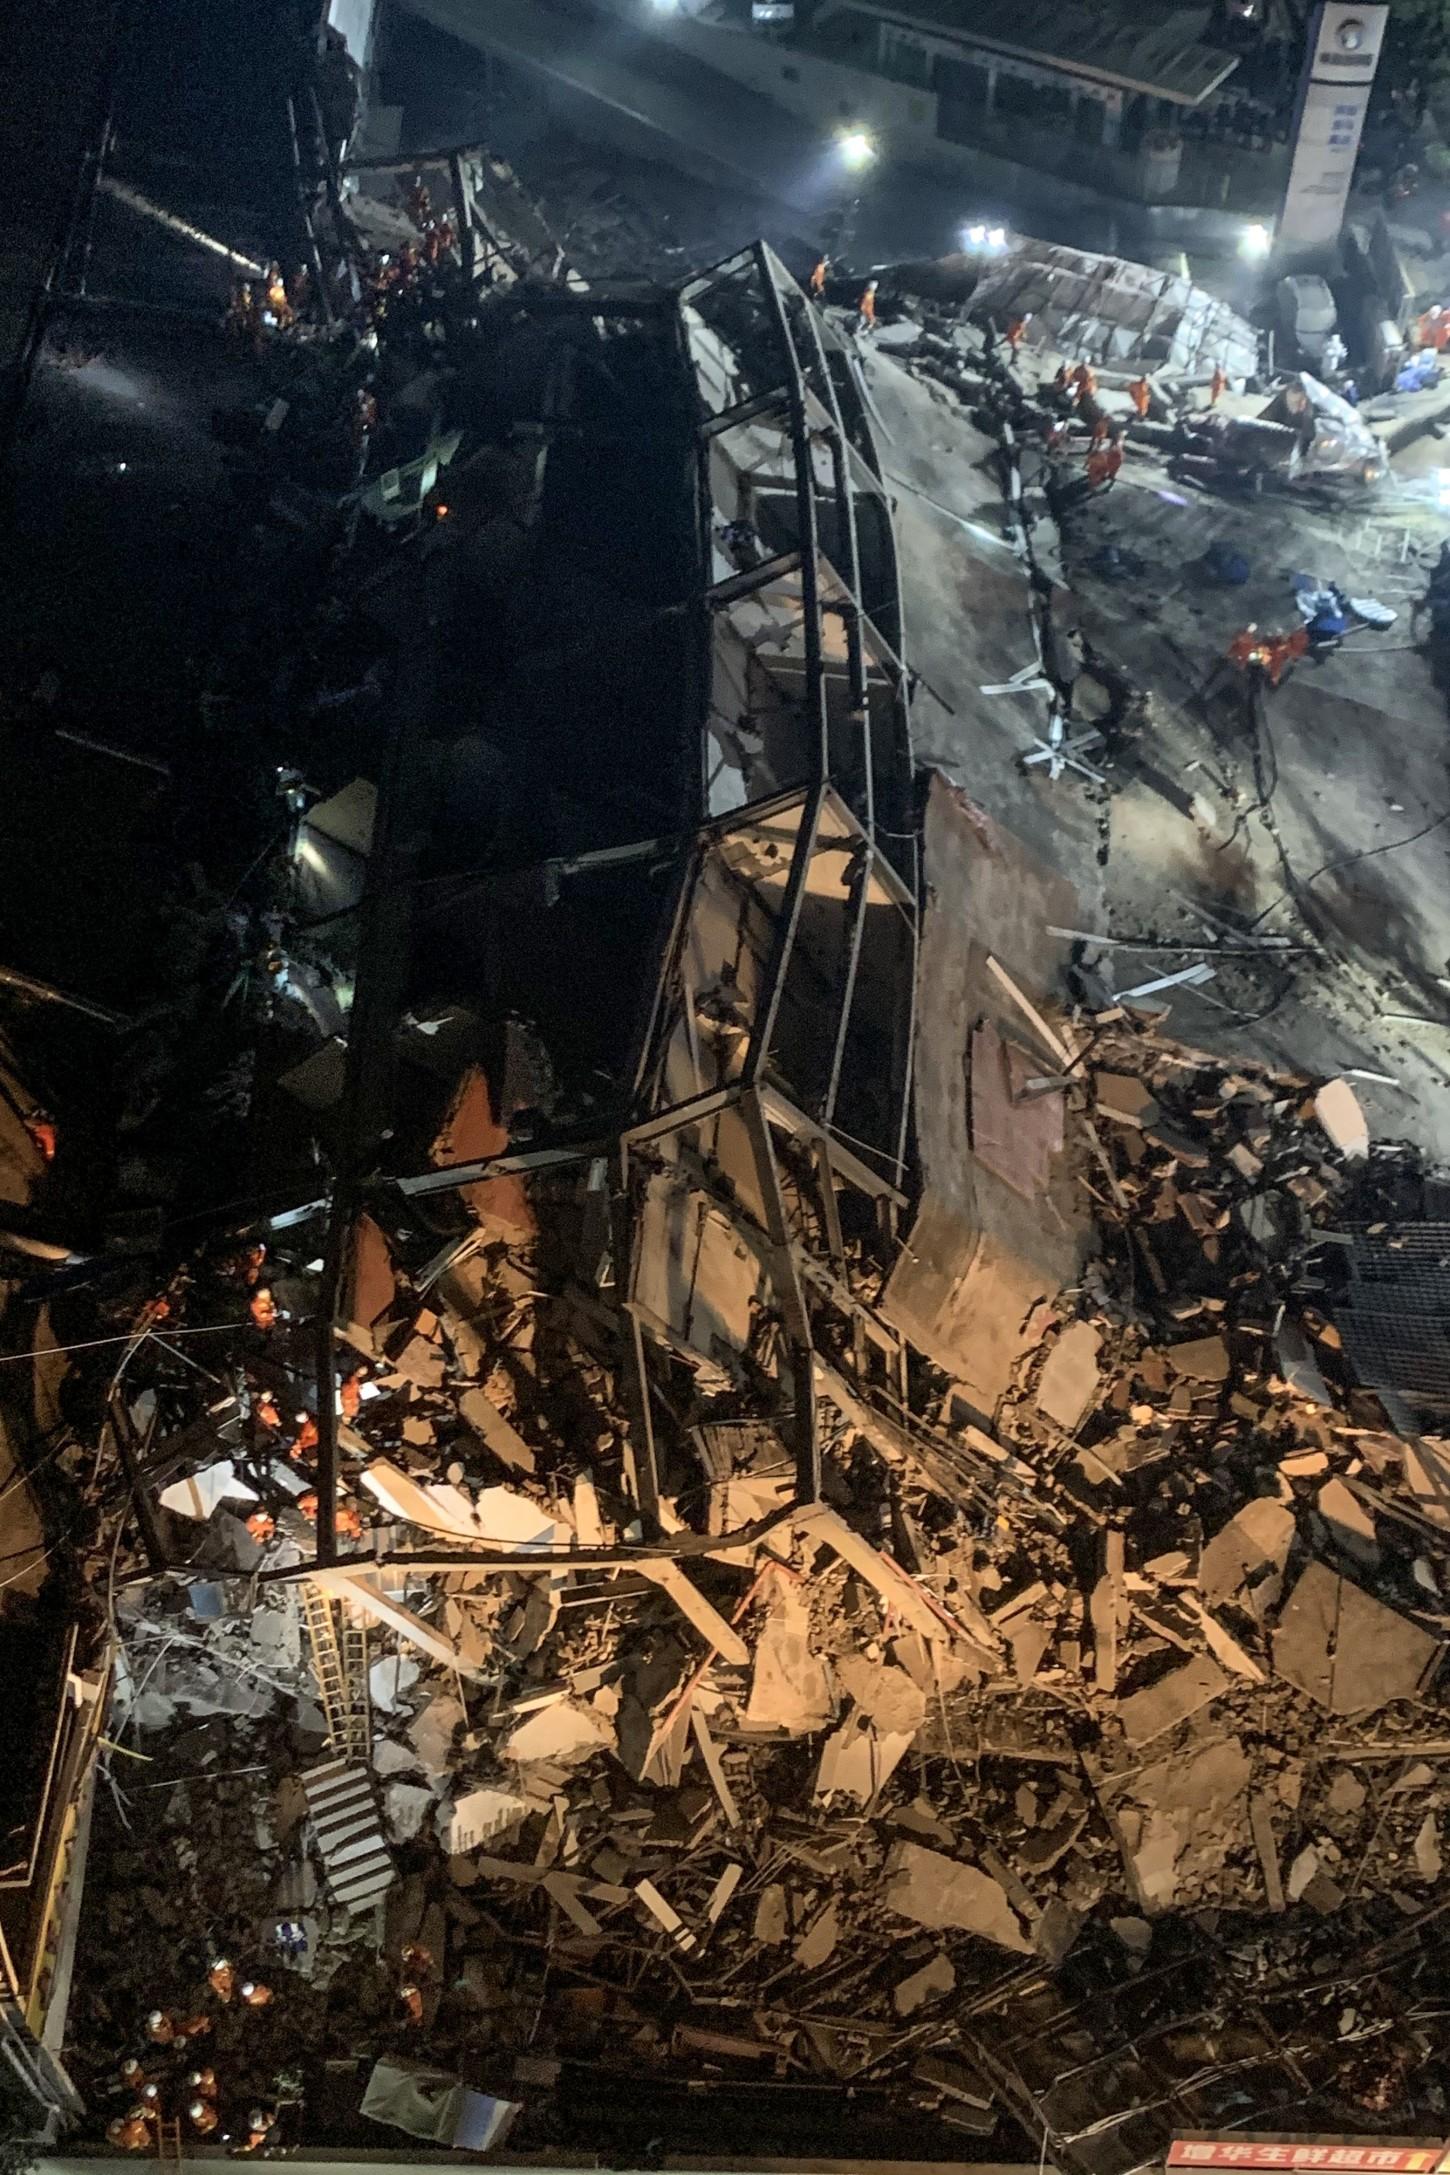 Los derrumbes de edificios son habituales en China, donde el rápido crecimiento y la escasa vigilancia en las obras inducen a los constructores a rebajar los estándares de seguridad.